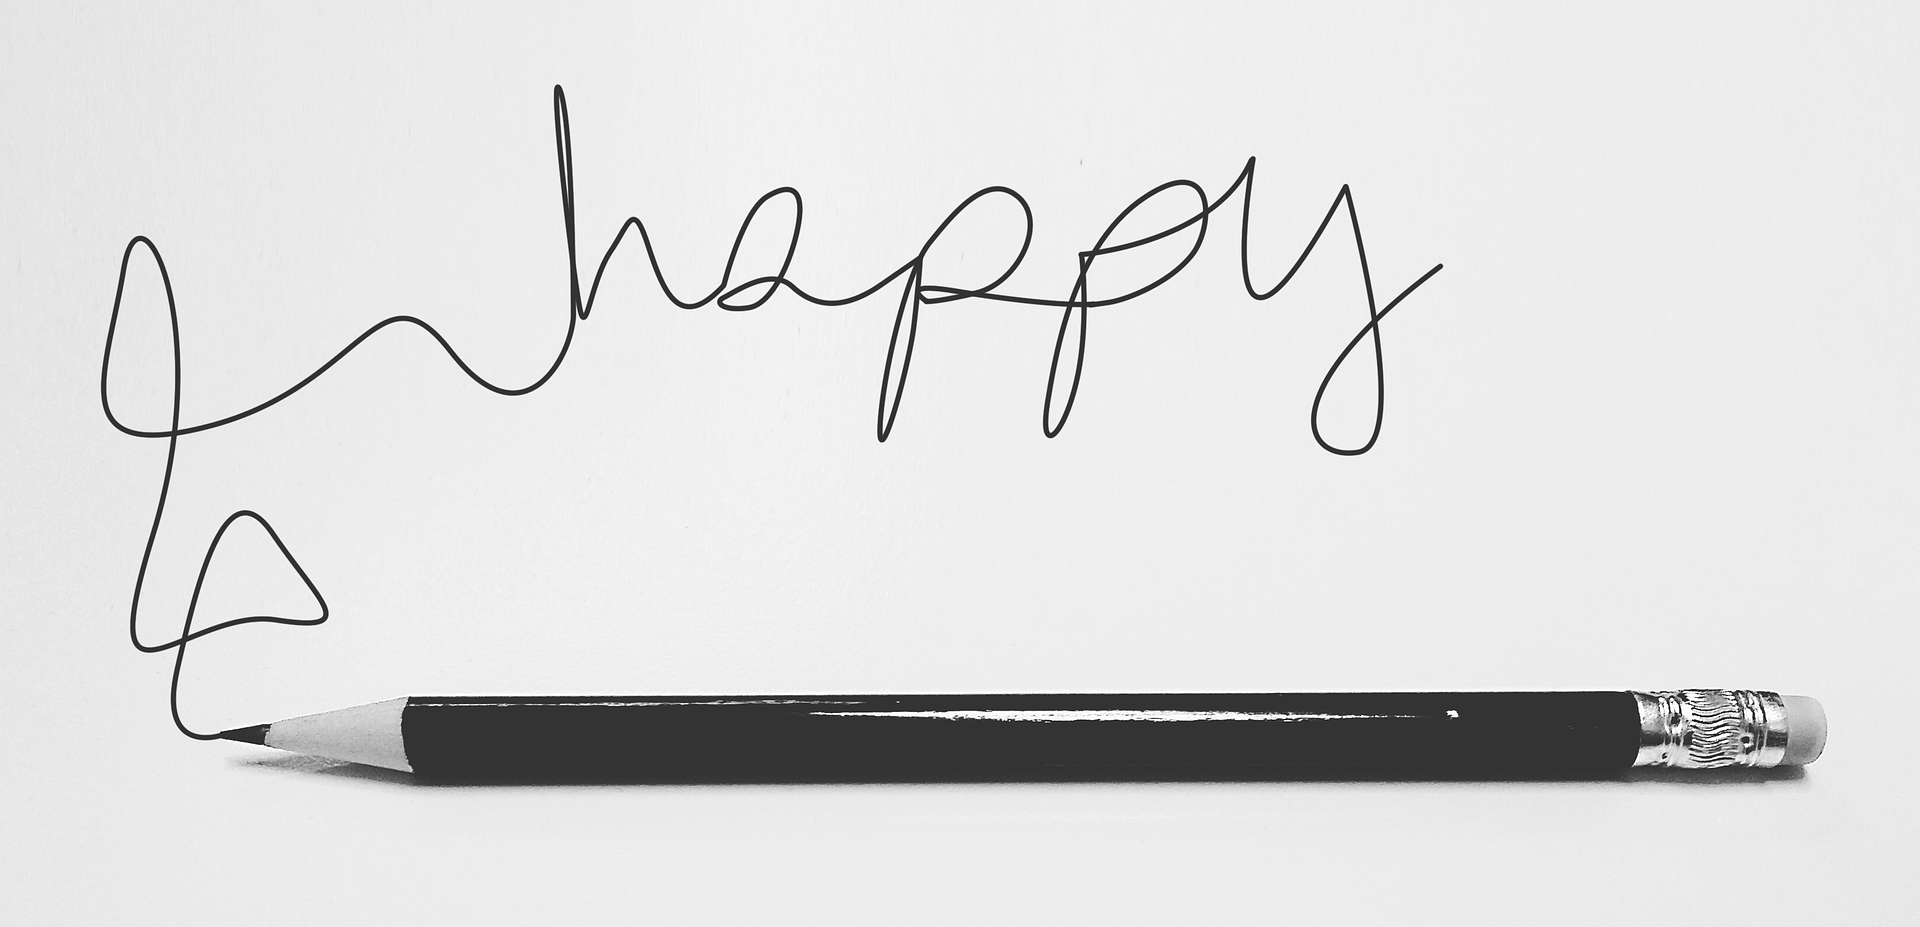 Sorulara verdiğiniz cevapları yazmak ve sonra gözden geçirmek mutluluğu artırabilir